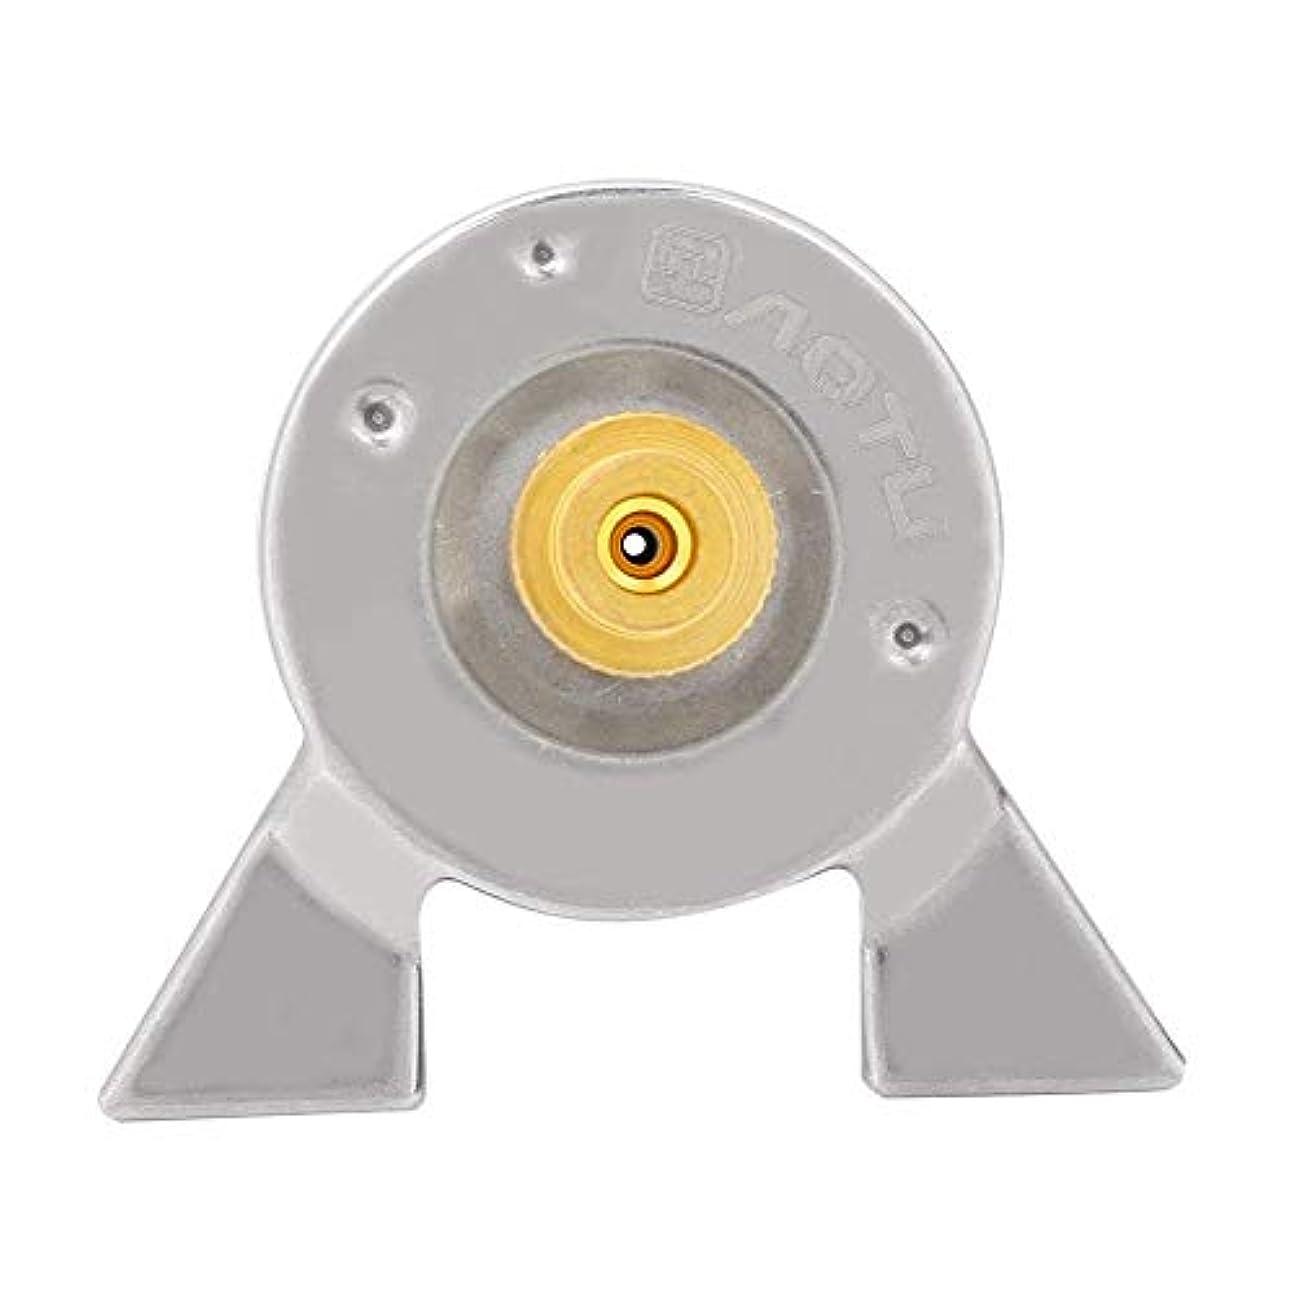 眠り遵守するに対応するViffly バーナーコネクタ ガスアダプター ストーブアダプター ガス 炉切換頭 ロングシリンダータンク